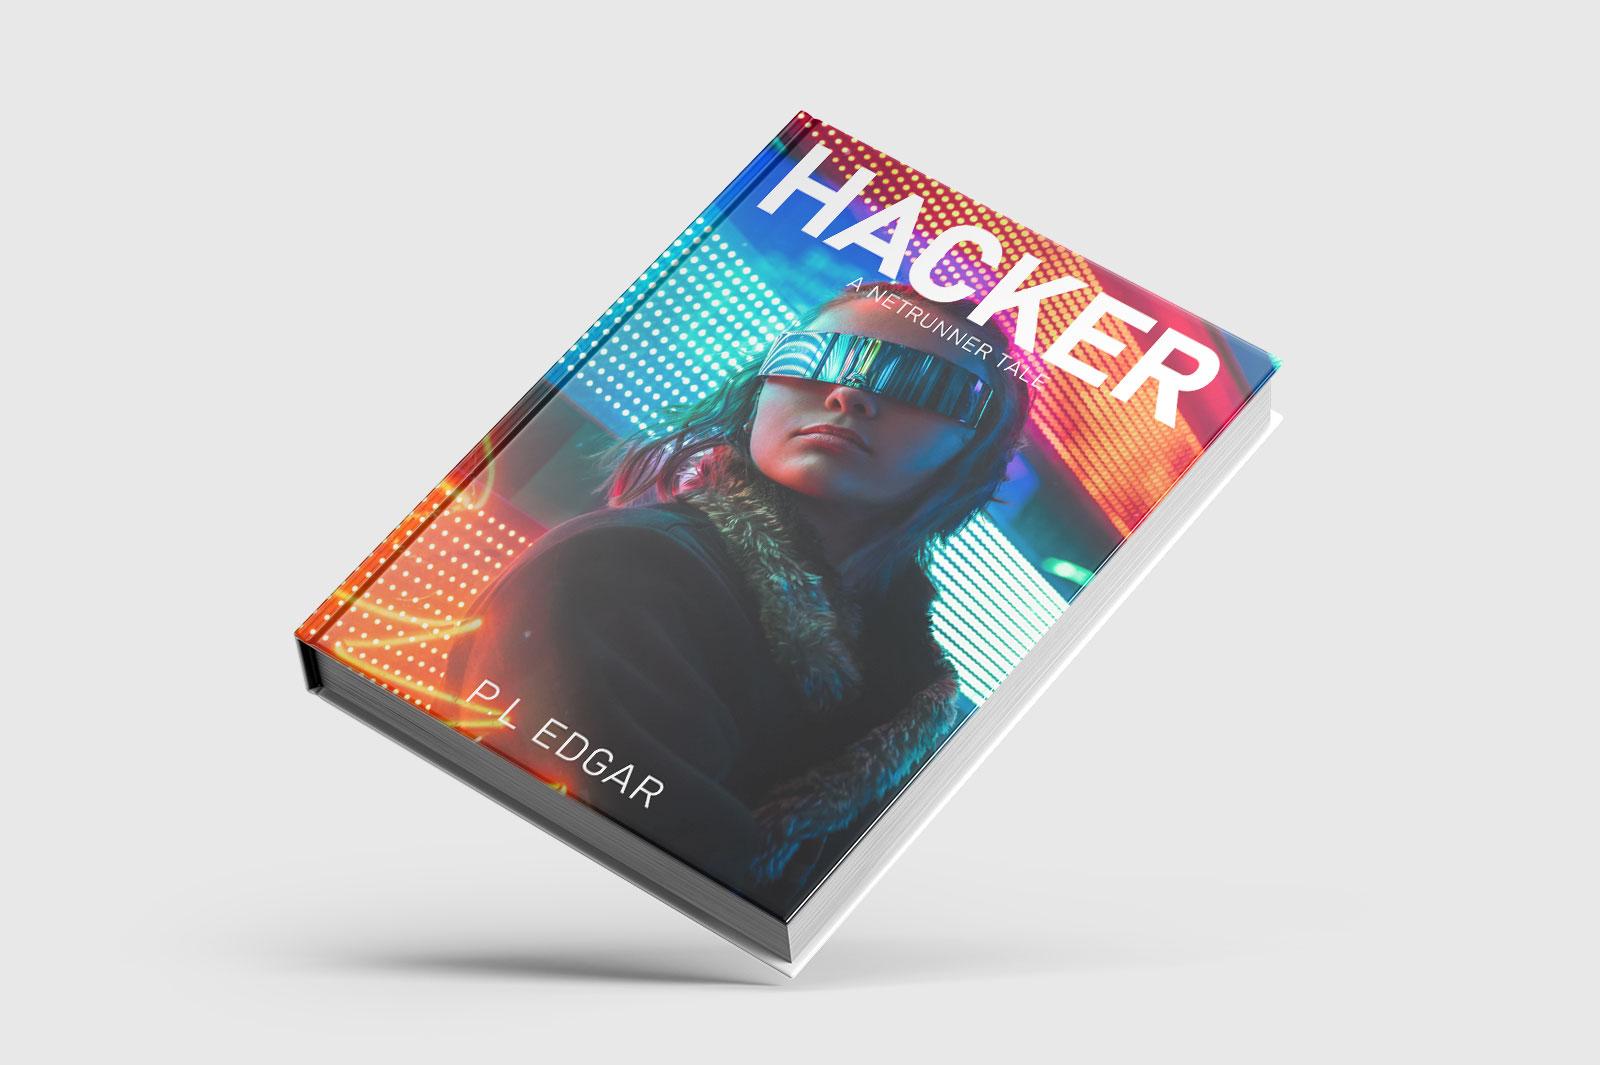 Cyber punk book cover